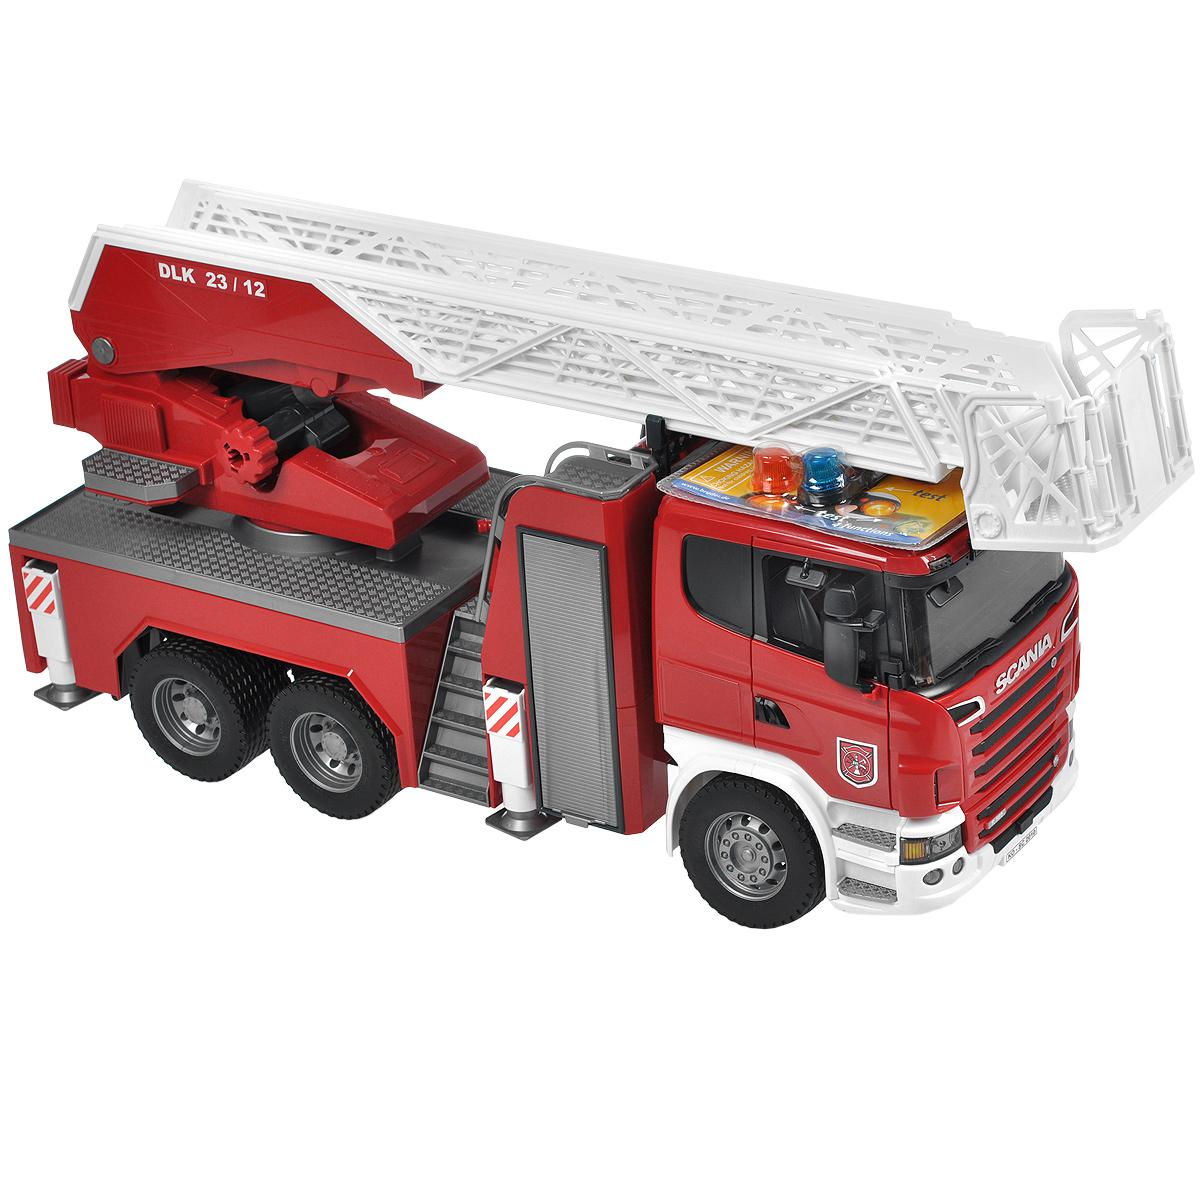 Bruder Пожарная машина Scania03-590Пожарная машина Bruder Scania, выполненная из прочного безопасного материала красного, серебристого и белого цветов, отлично подойдет ребенку для различных игр. Машина является уменьшенной копией пожарной машины фирмы Scania. Пожарная машина оборудована рукавом с емкостью для воды, функционирующим помповым насосом и выдвижной трехуровневой лестницей, меняющей угол наклона. Лестница выдвигается специальной ручкой. К ней прикреплена люлька, которая также способна менять угол наклона. Платформа машины поворачивается на 360°. Также пожарная машина оснащена четырьмя опорами для устойчивости и ящиком для инструментов. Зеркала складываются, двери водительской кабины открываются. В кабину помещается небольшая игрушка. Машина дополнена съемным модулем с мигающими лампочками и звуком продолжительностью 18 секунд, работающим в четырех режимах: гудок, звук двигателя, мигающие лампочки, сирена (американская, европейская). Прорезиненные колеса обеспечивают машине...